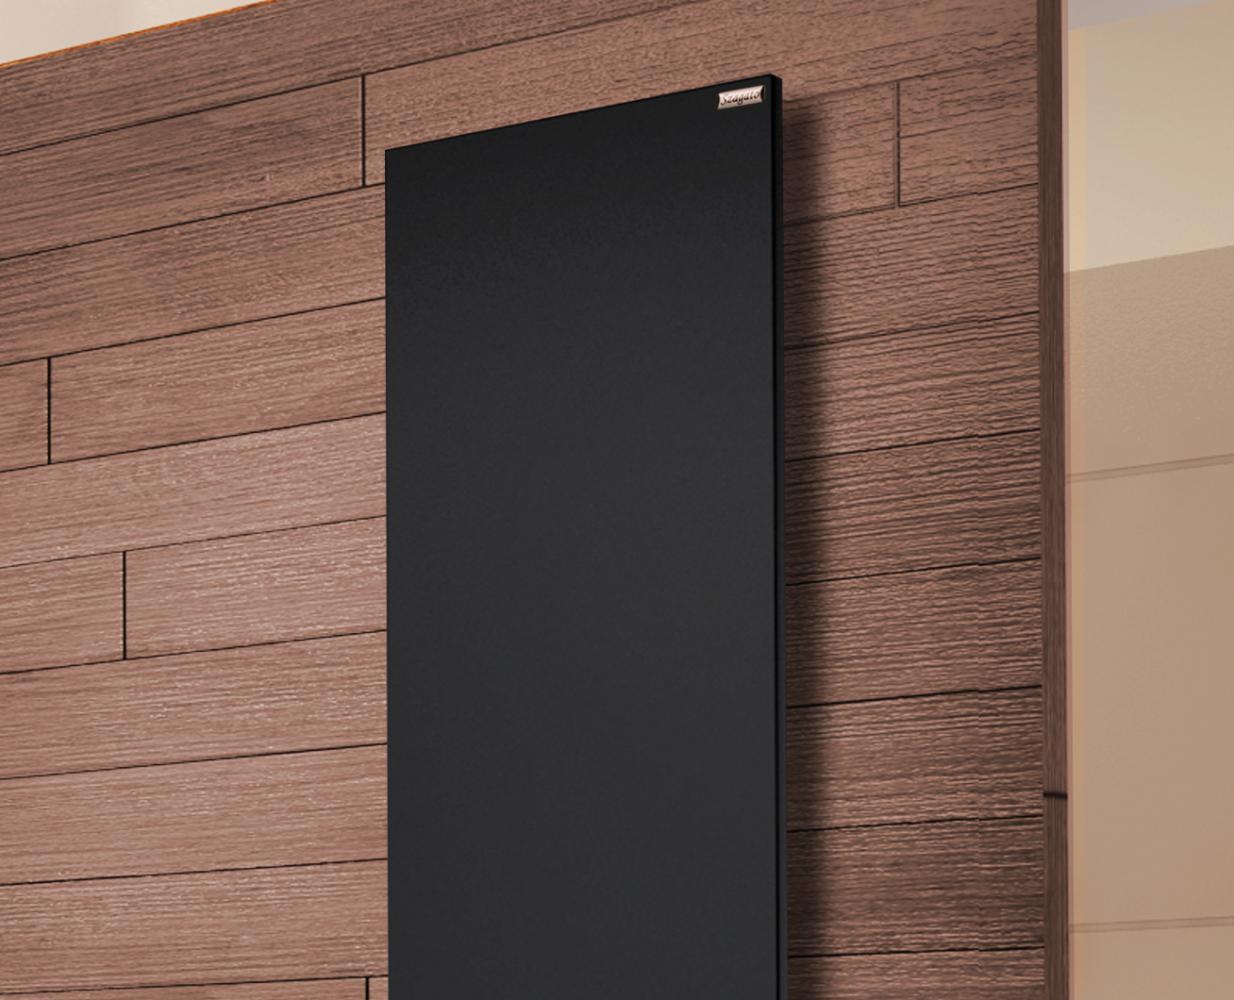 Full Size of Badheizkrper Design Mirror Steel 3 Bett 180x200 Schwarz Weiß Schwarzes Bad Heizkörper Schwarze Küche Badezimmer Elektroheizkörper Für Wohnzimmer Wohnzimmer Heizkörper Schwarz